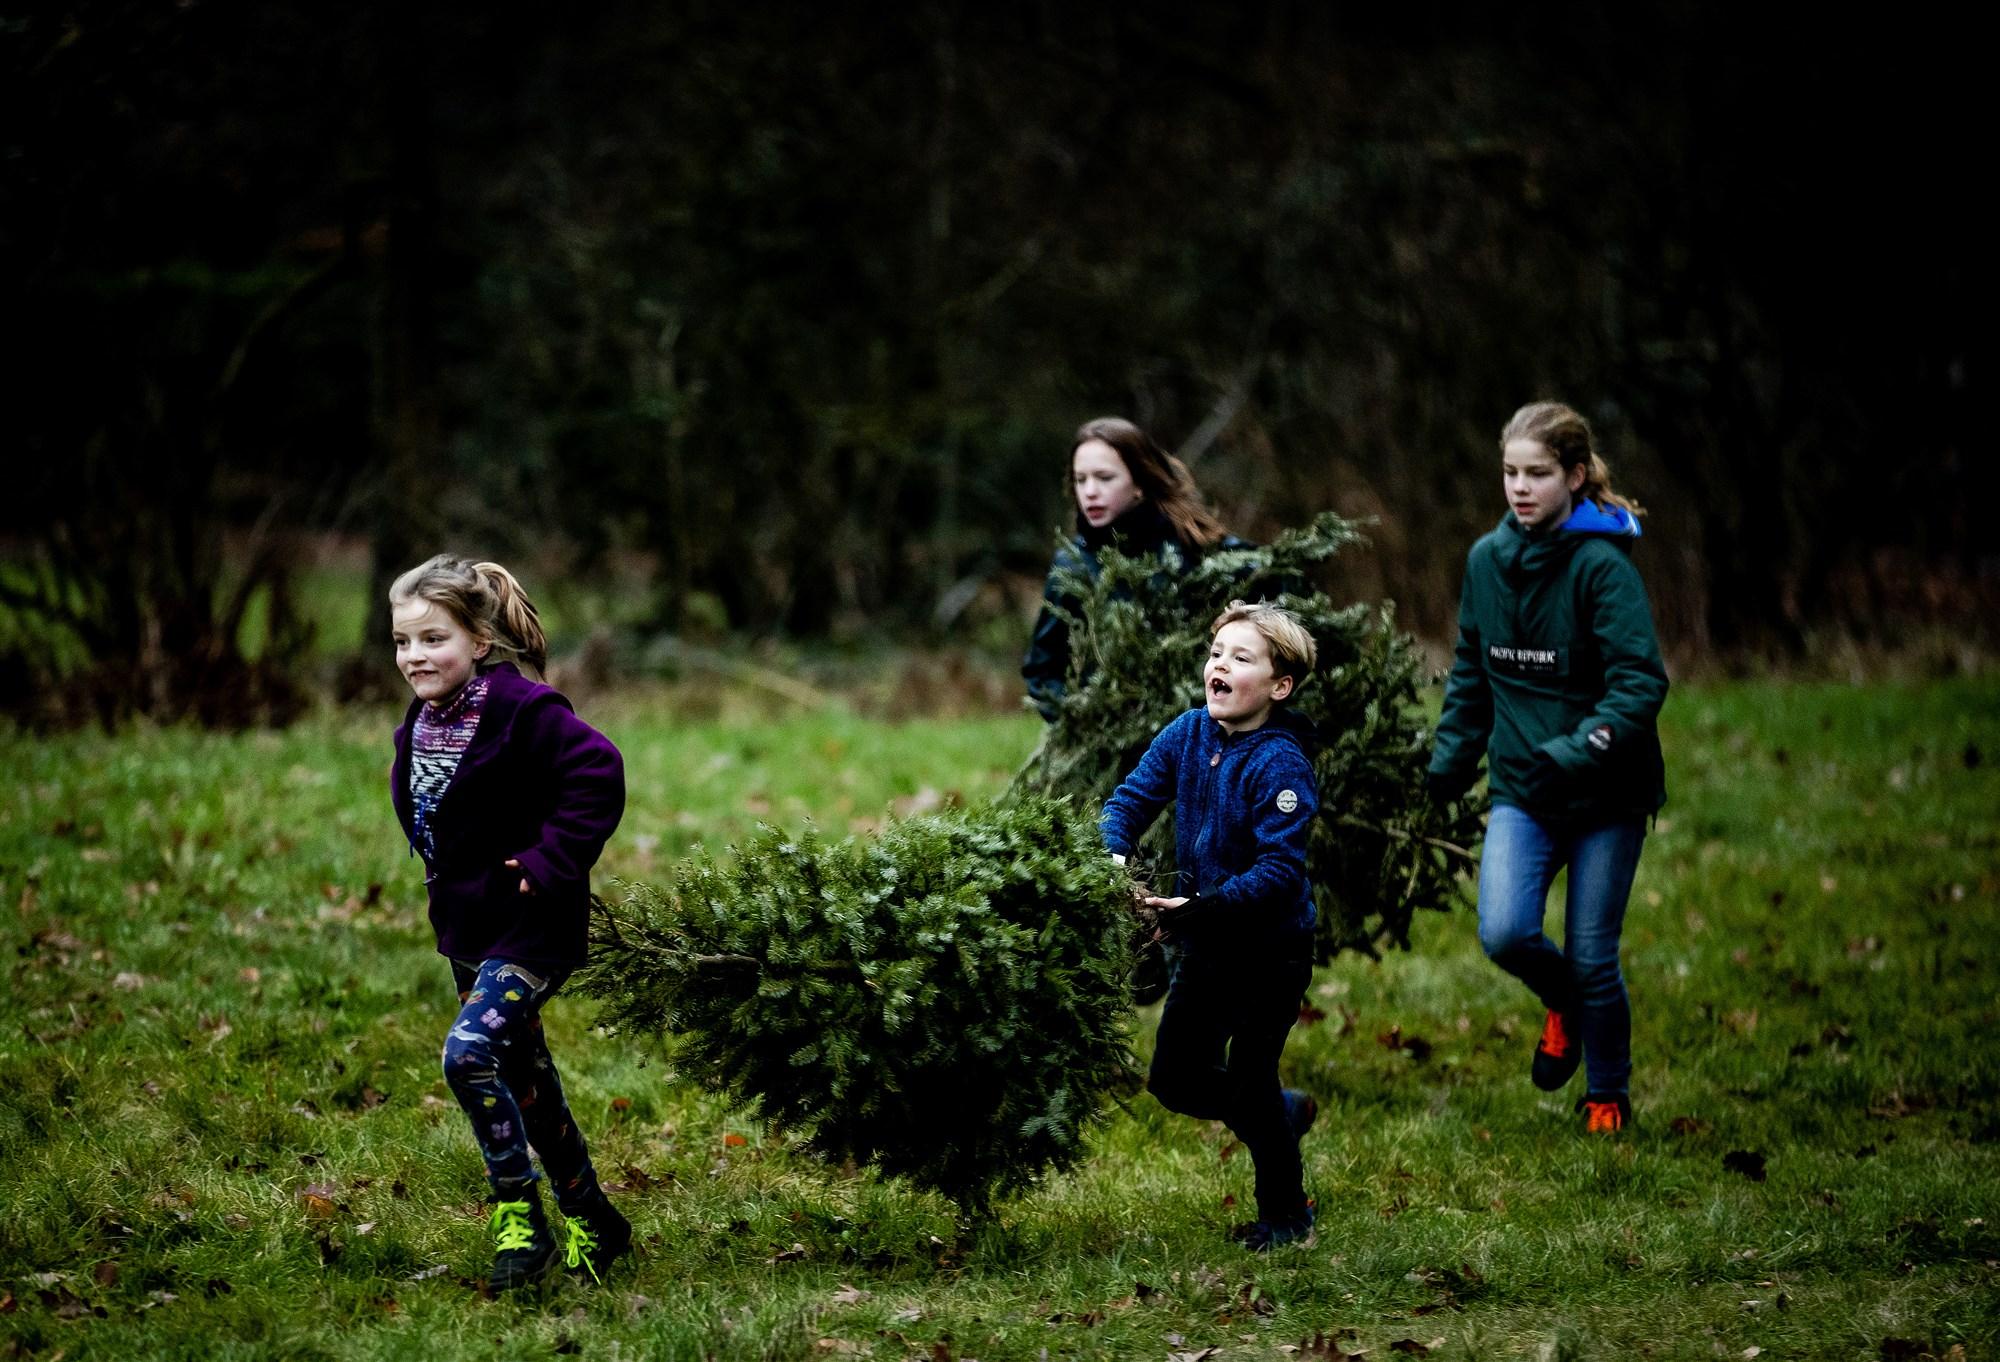 kerstboom inleveren weggooien harderwijk 2020 2021